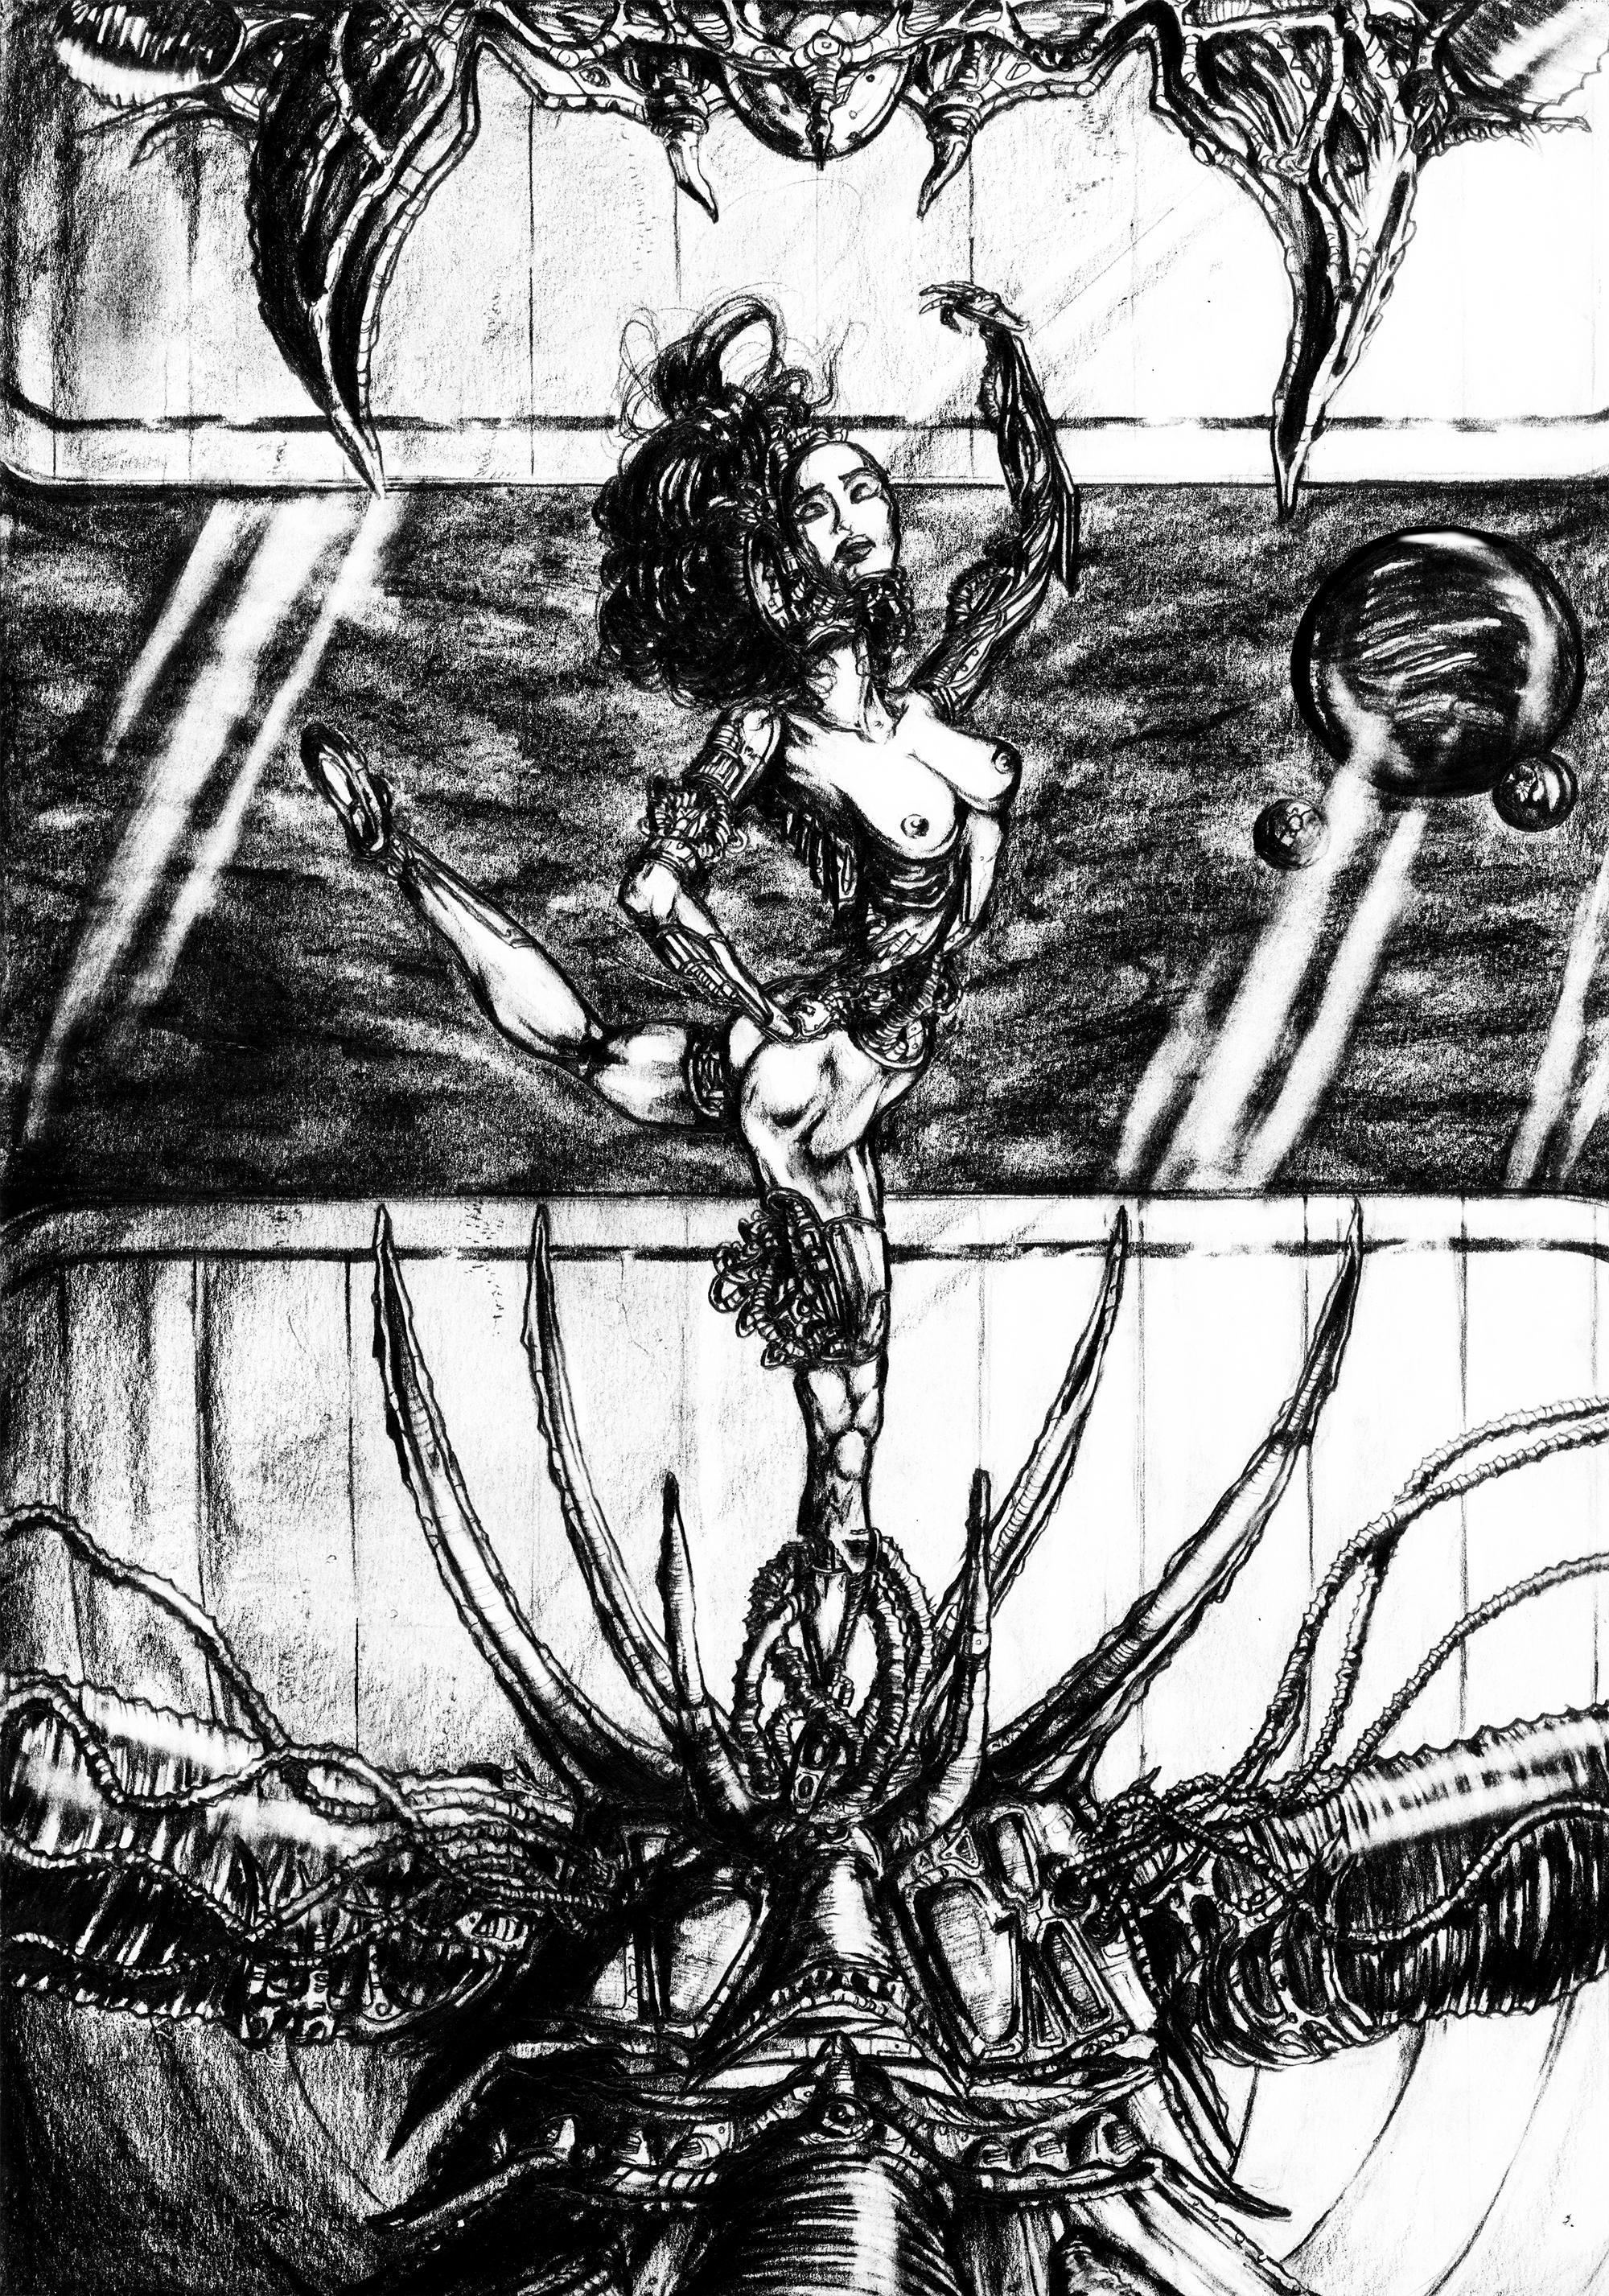 ballerina-meccanica-illustrazione-9